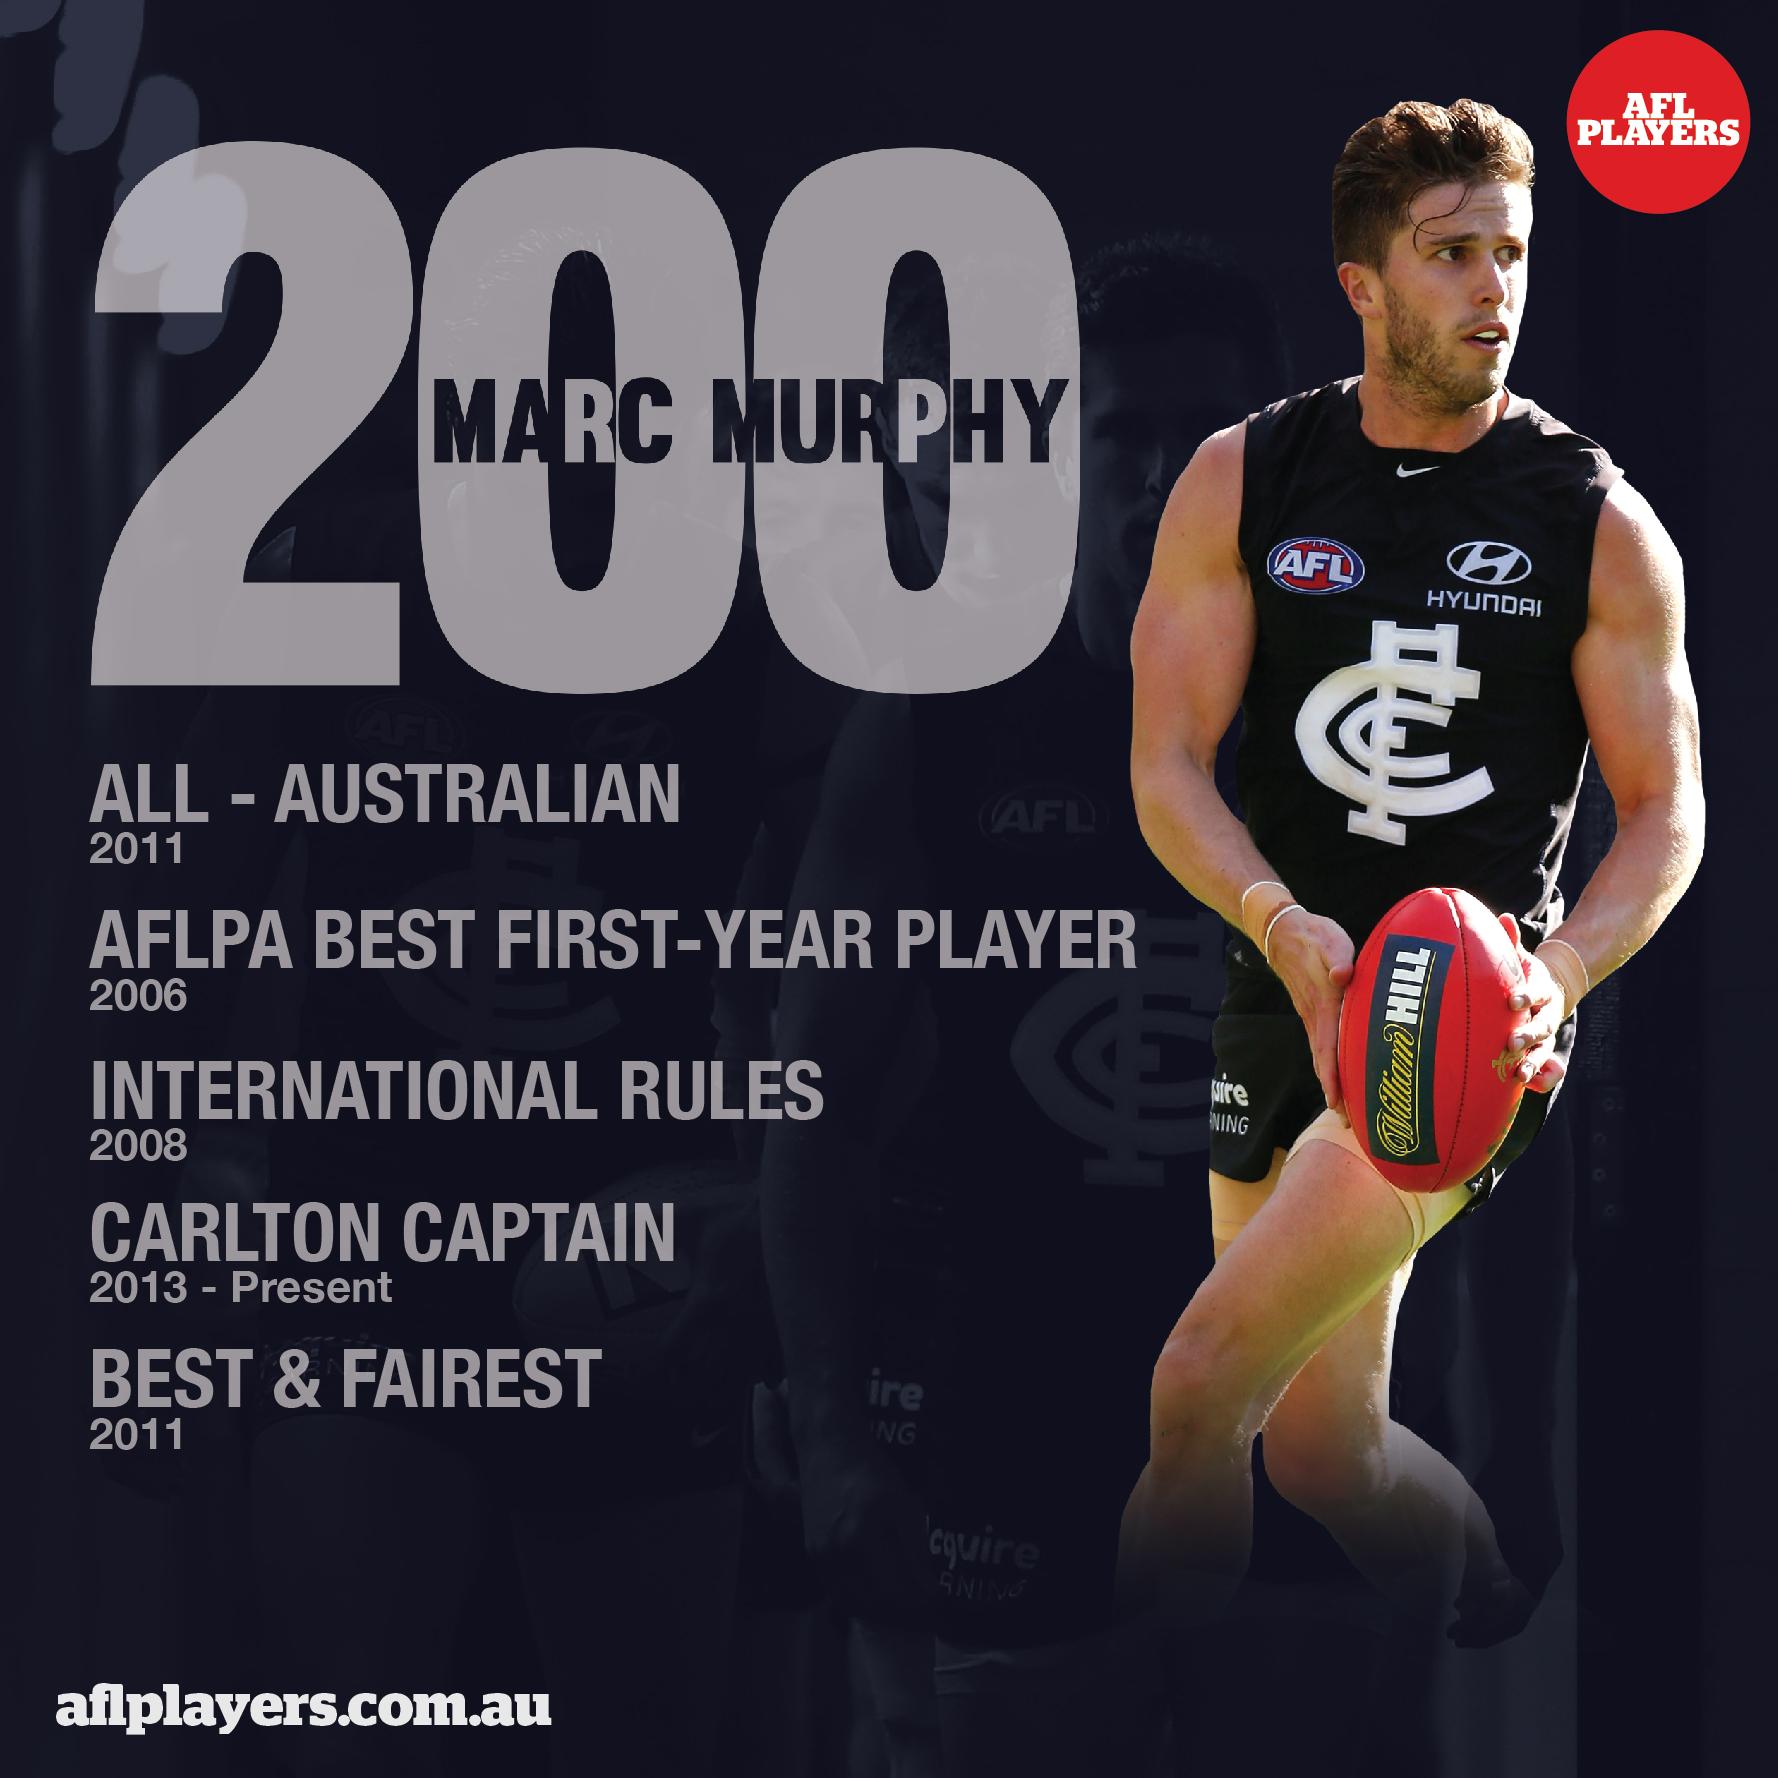 Murphy200_final-01